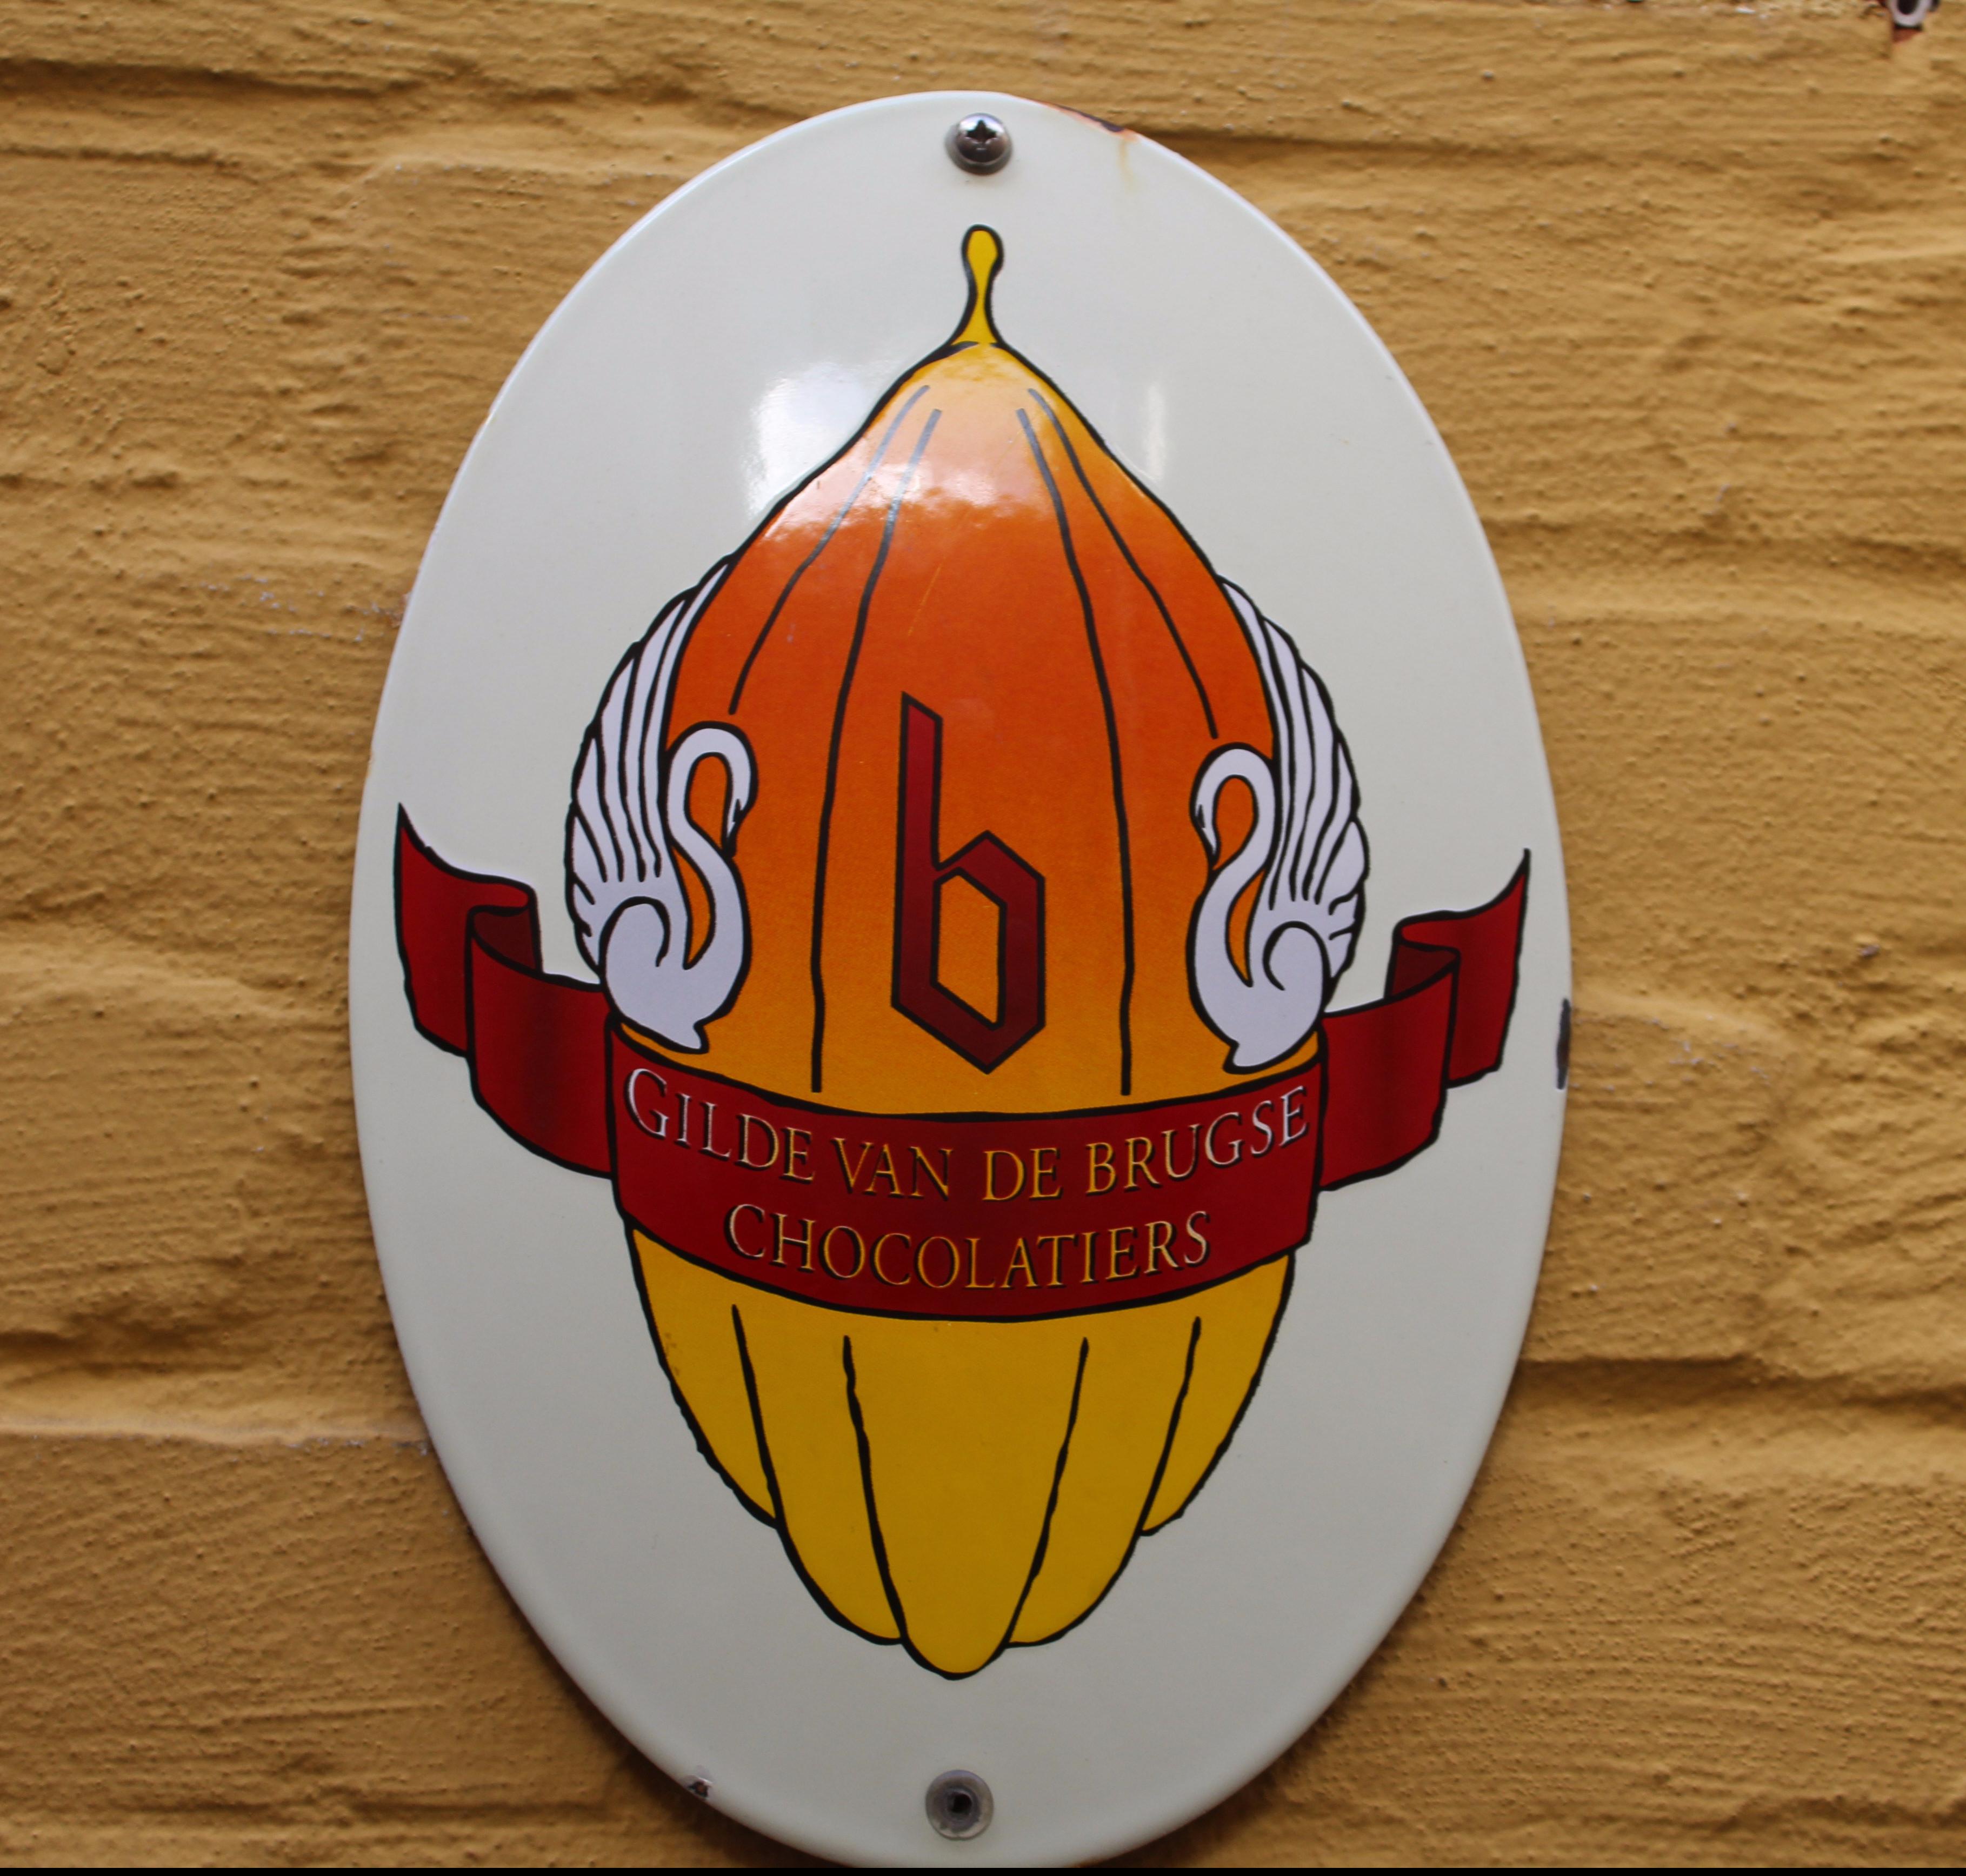 GILDE VAN DE BRUGSE CHOCOLATIERS